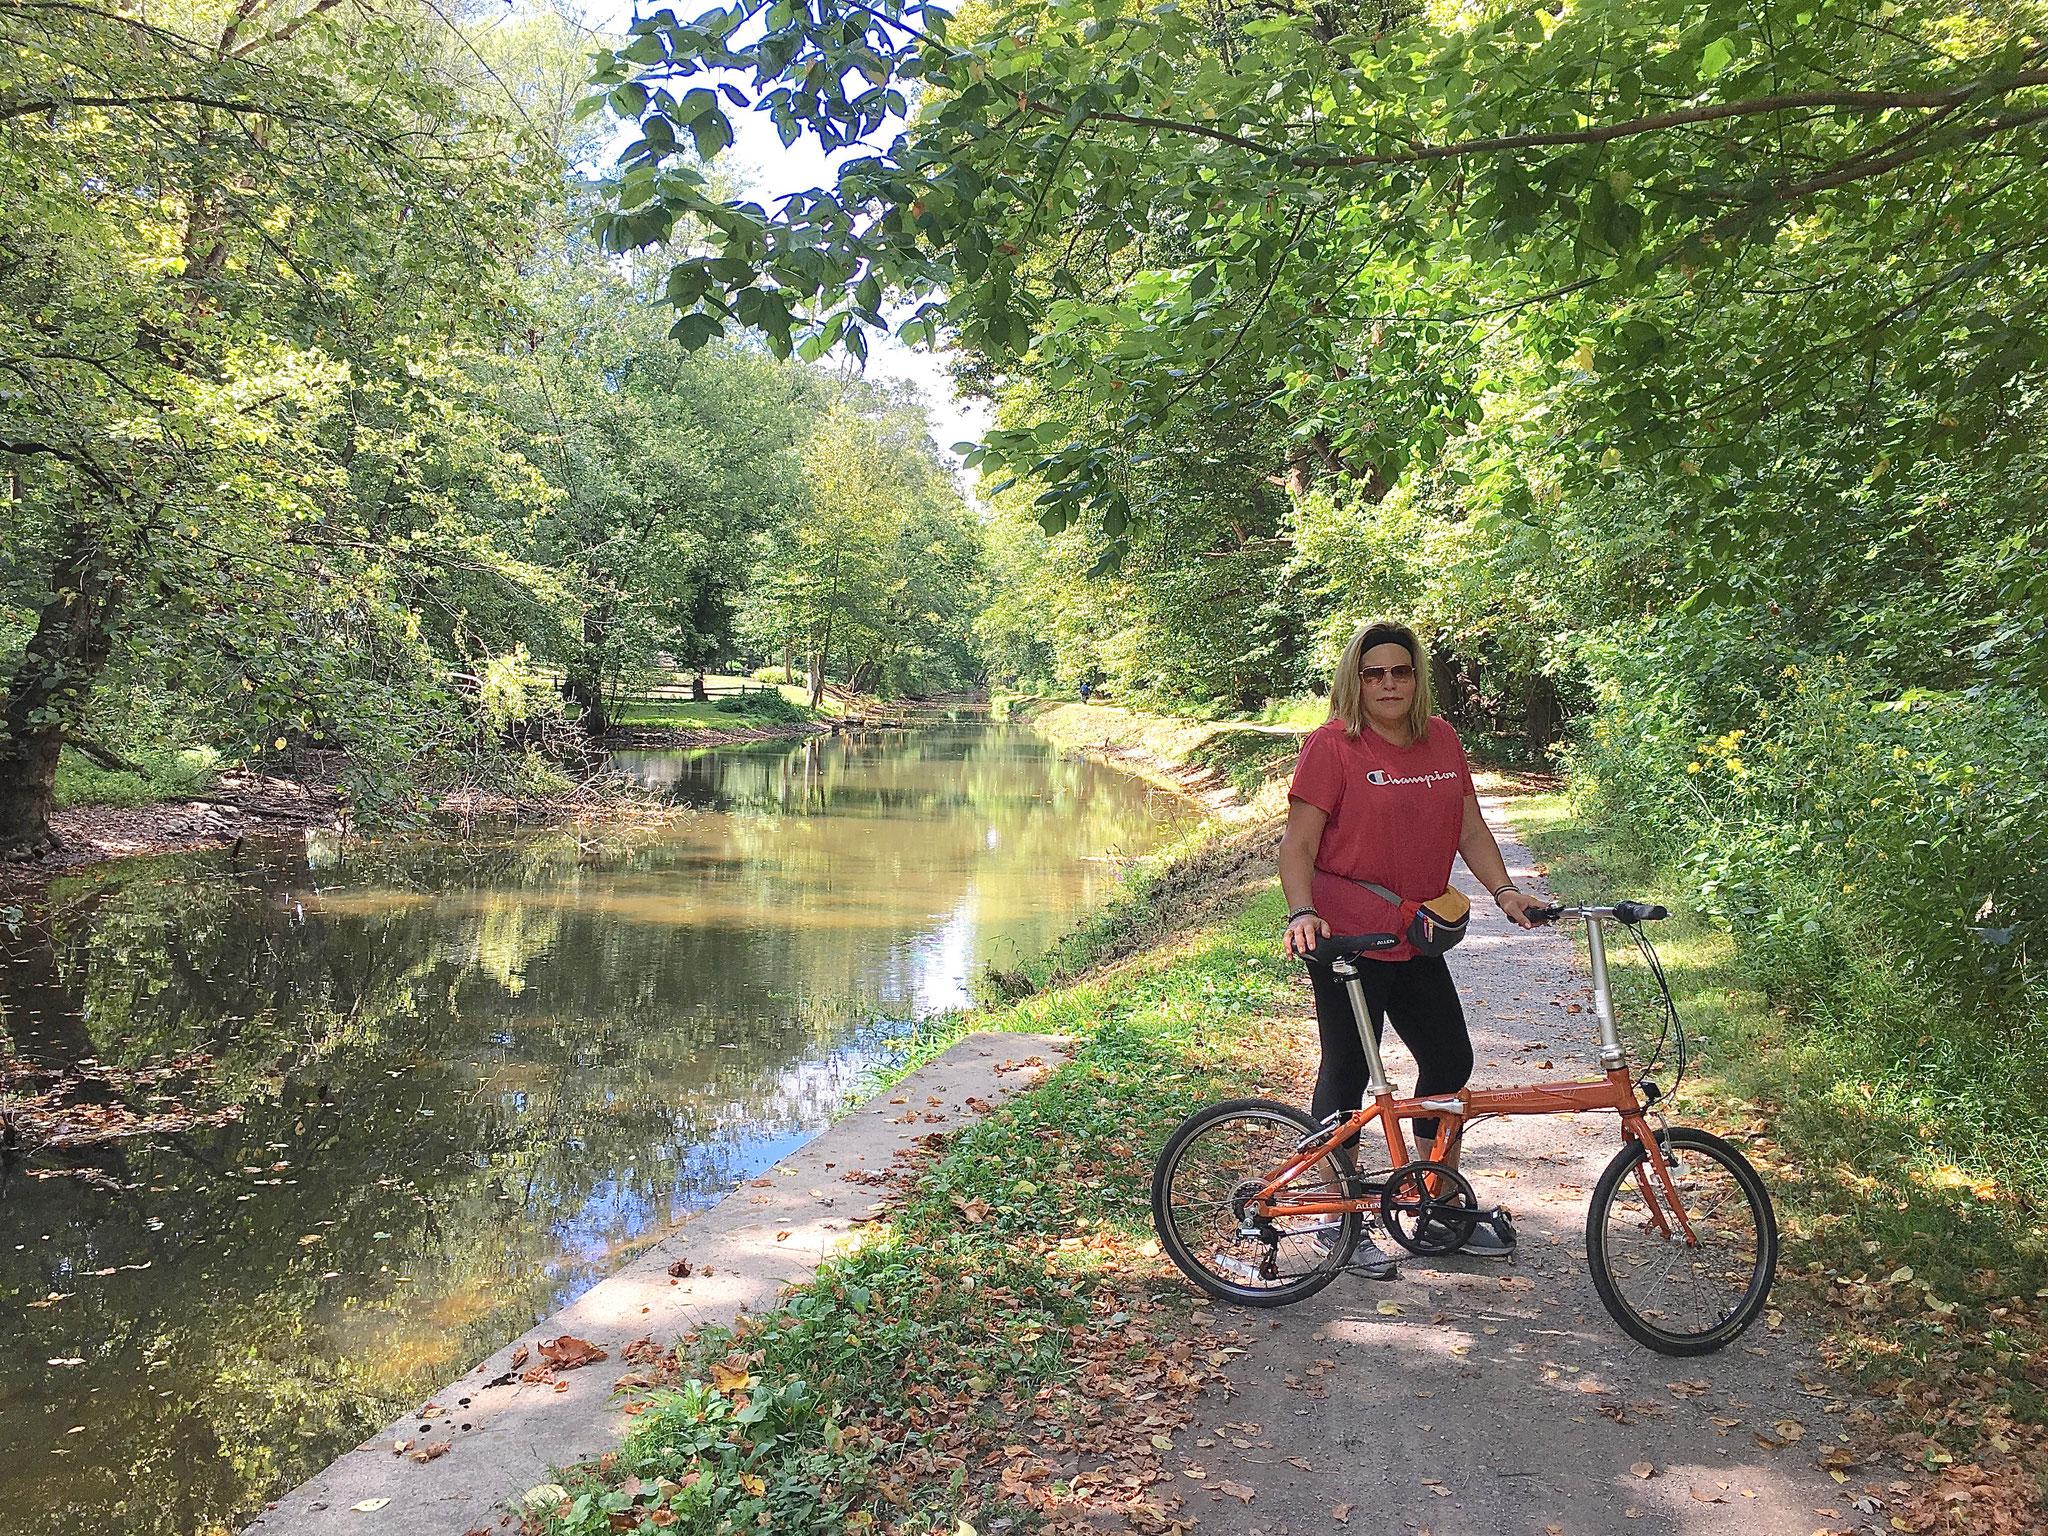 Sept. 7, 2019   biking along the Delaware River, Celeste